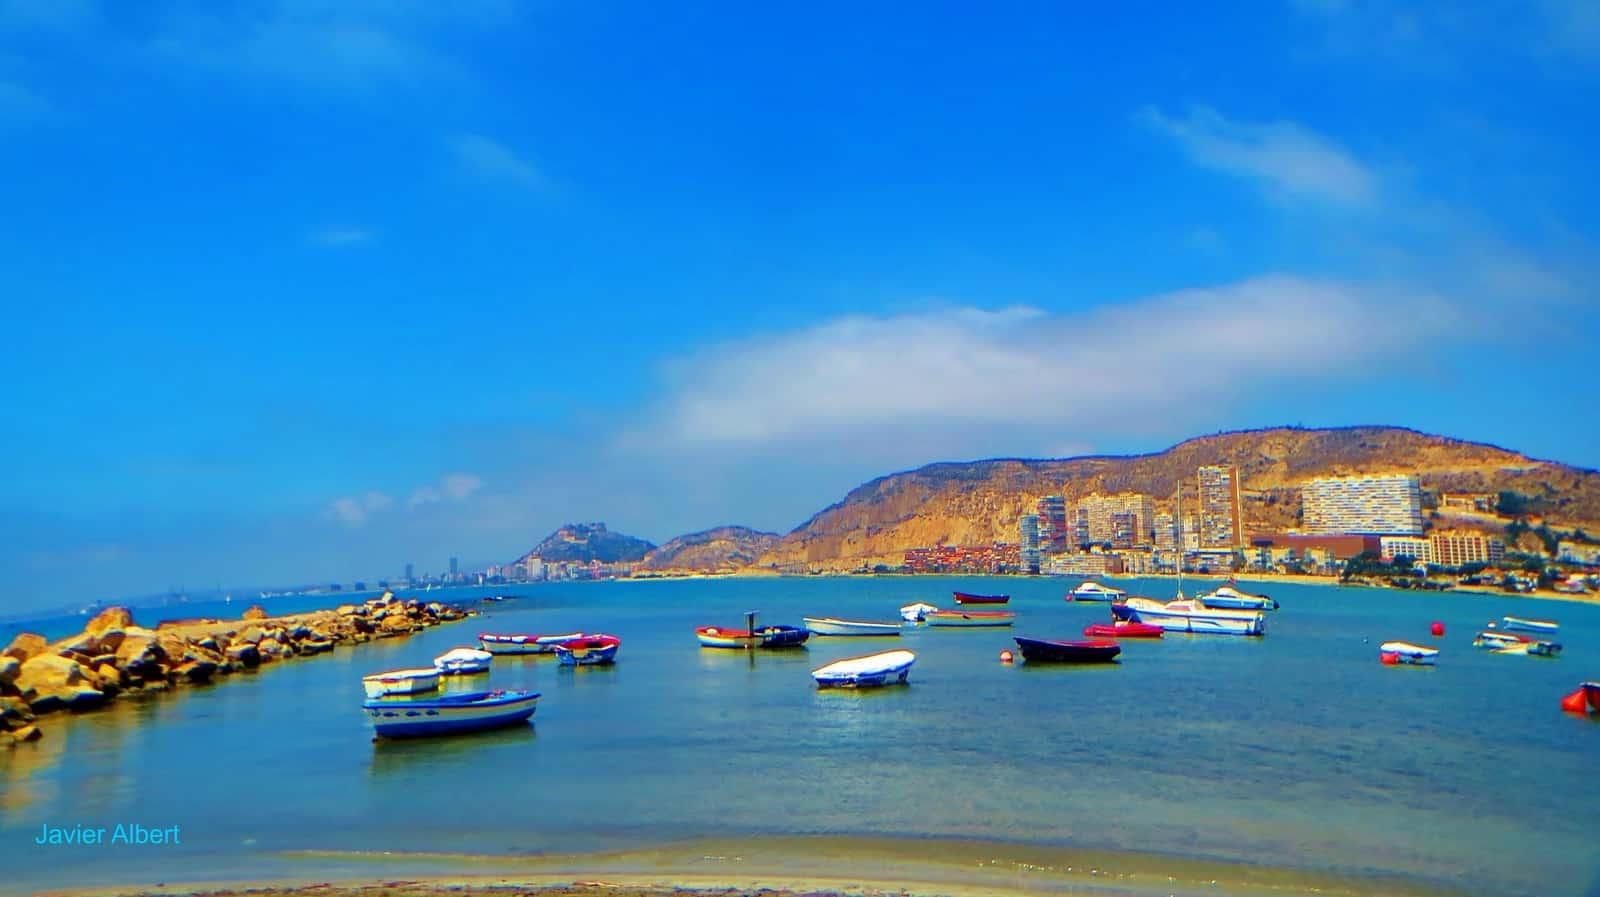 Barcas en La Albufera